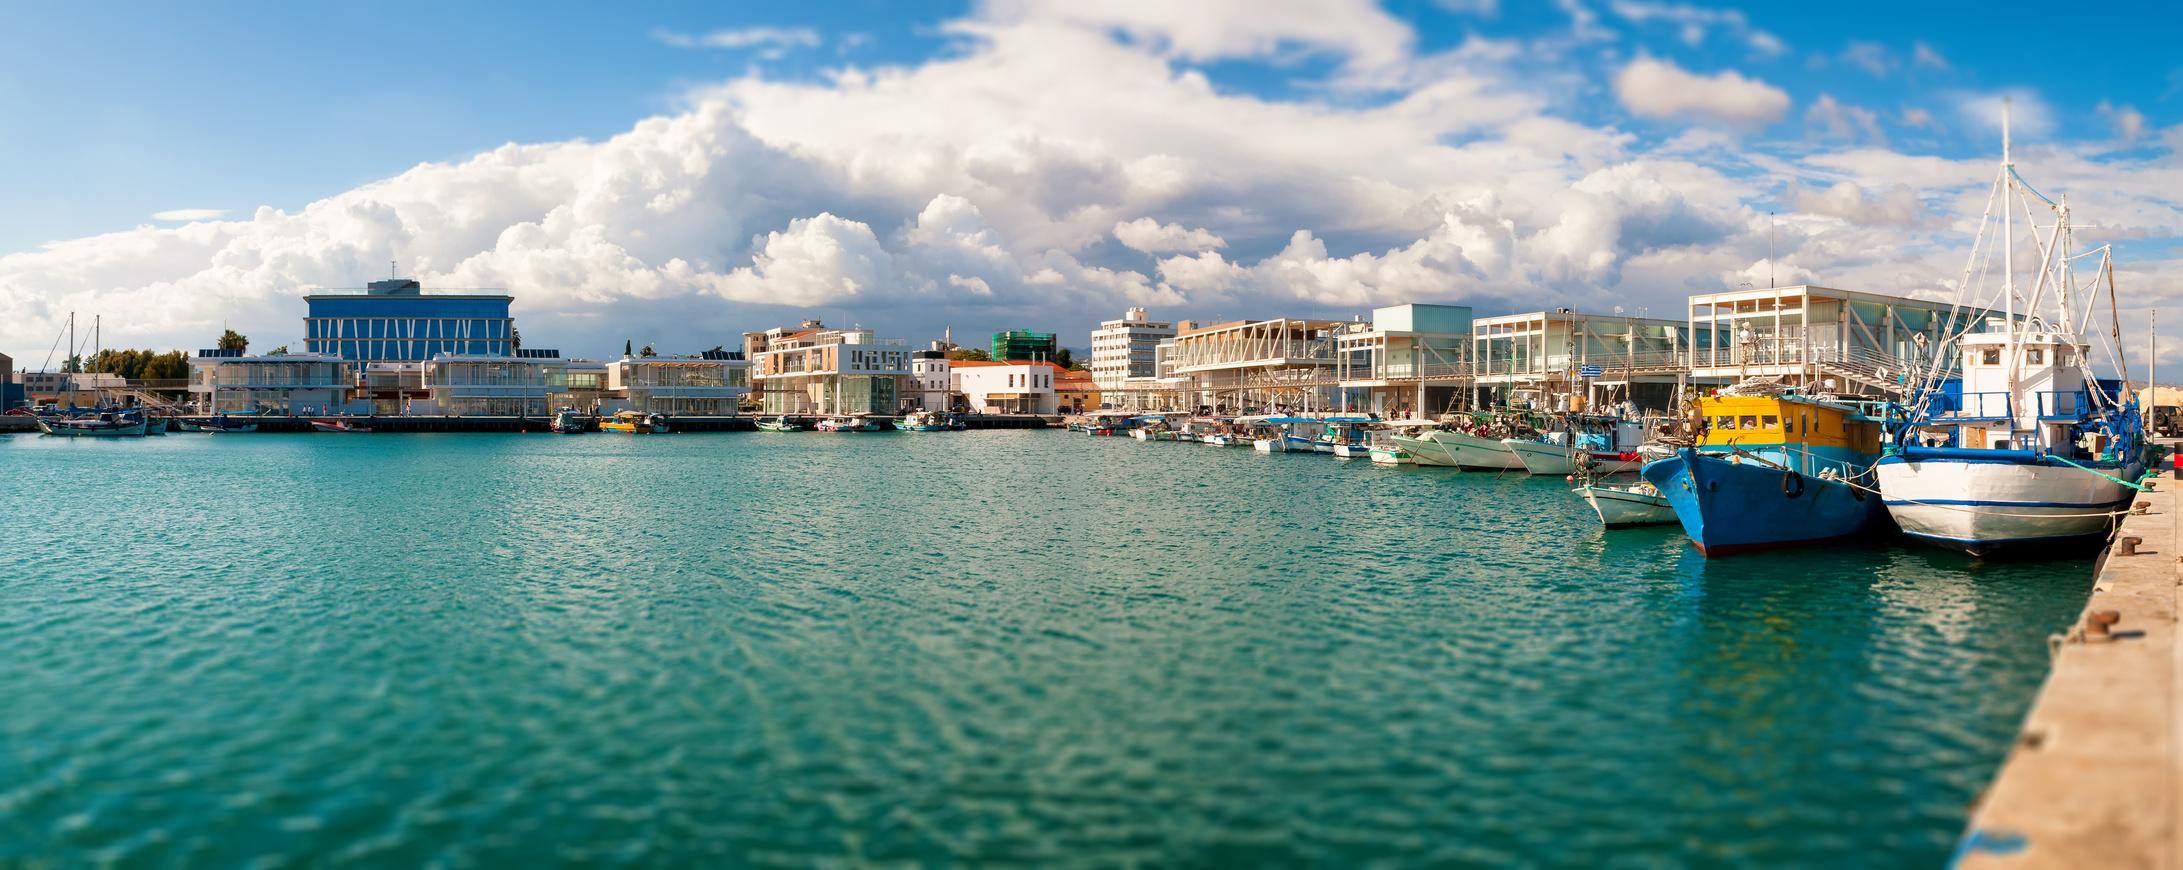 Port w Limassol